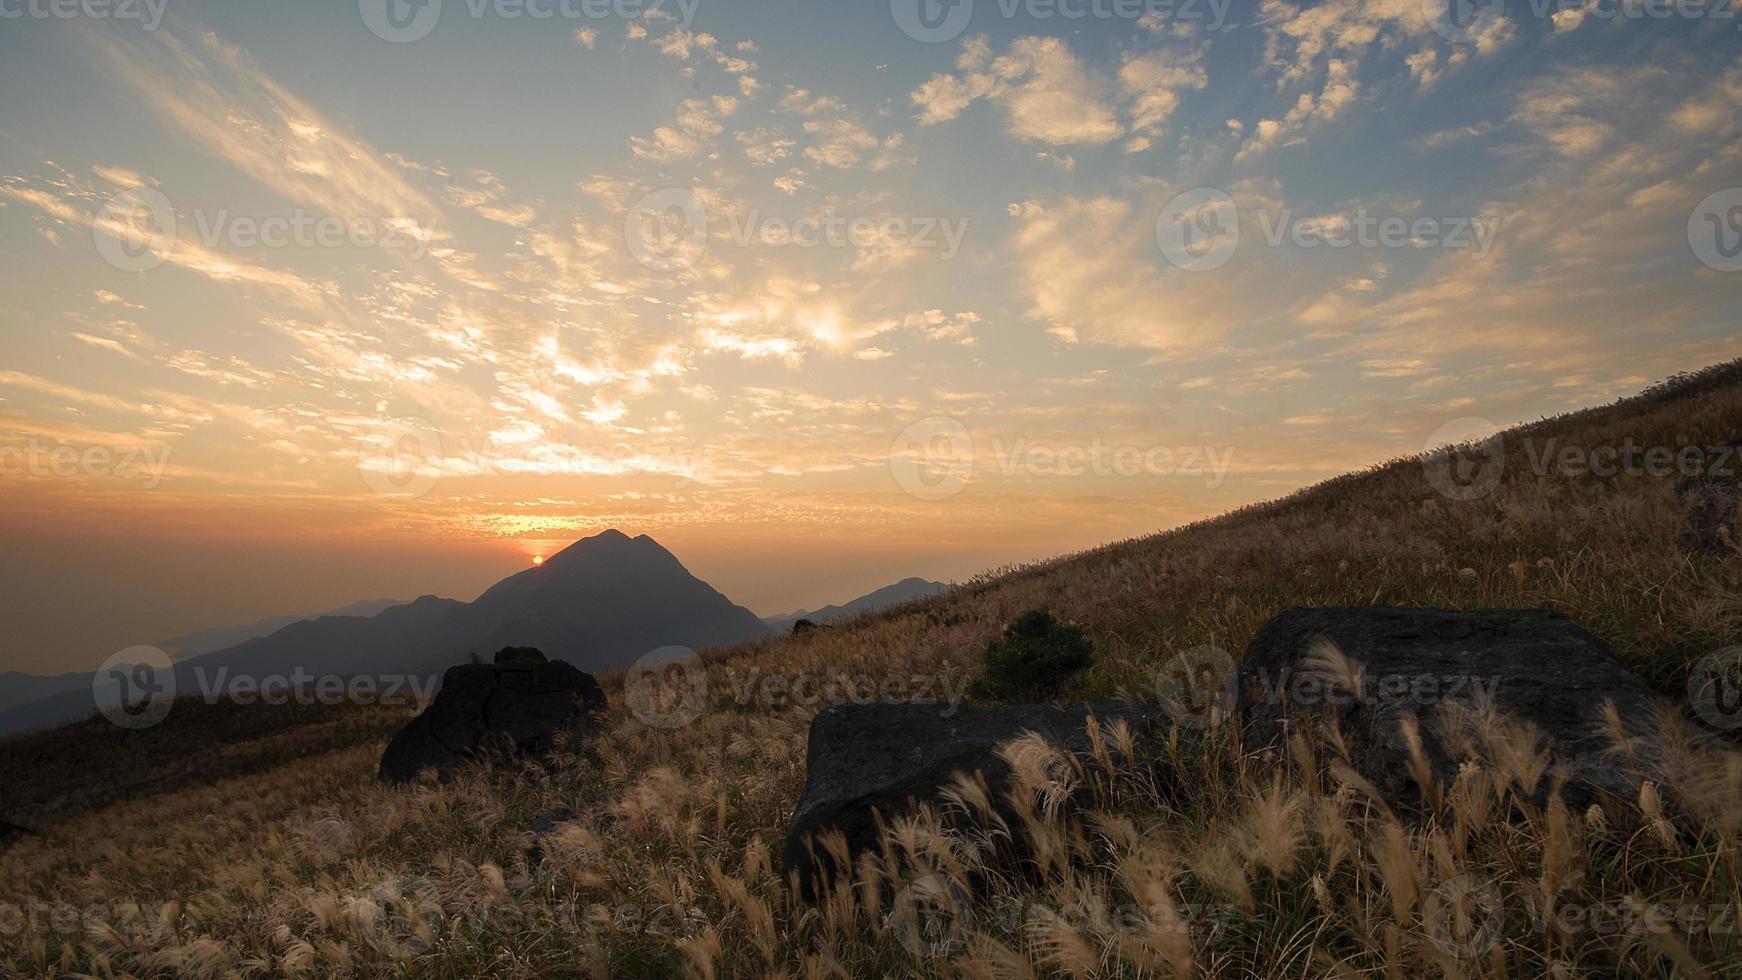 coucher de soleil avec nuages épars (lantau trail, hong kong) photo